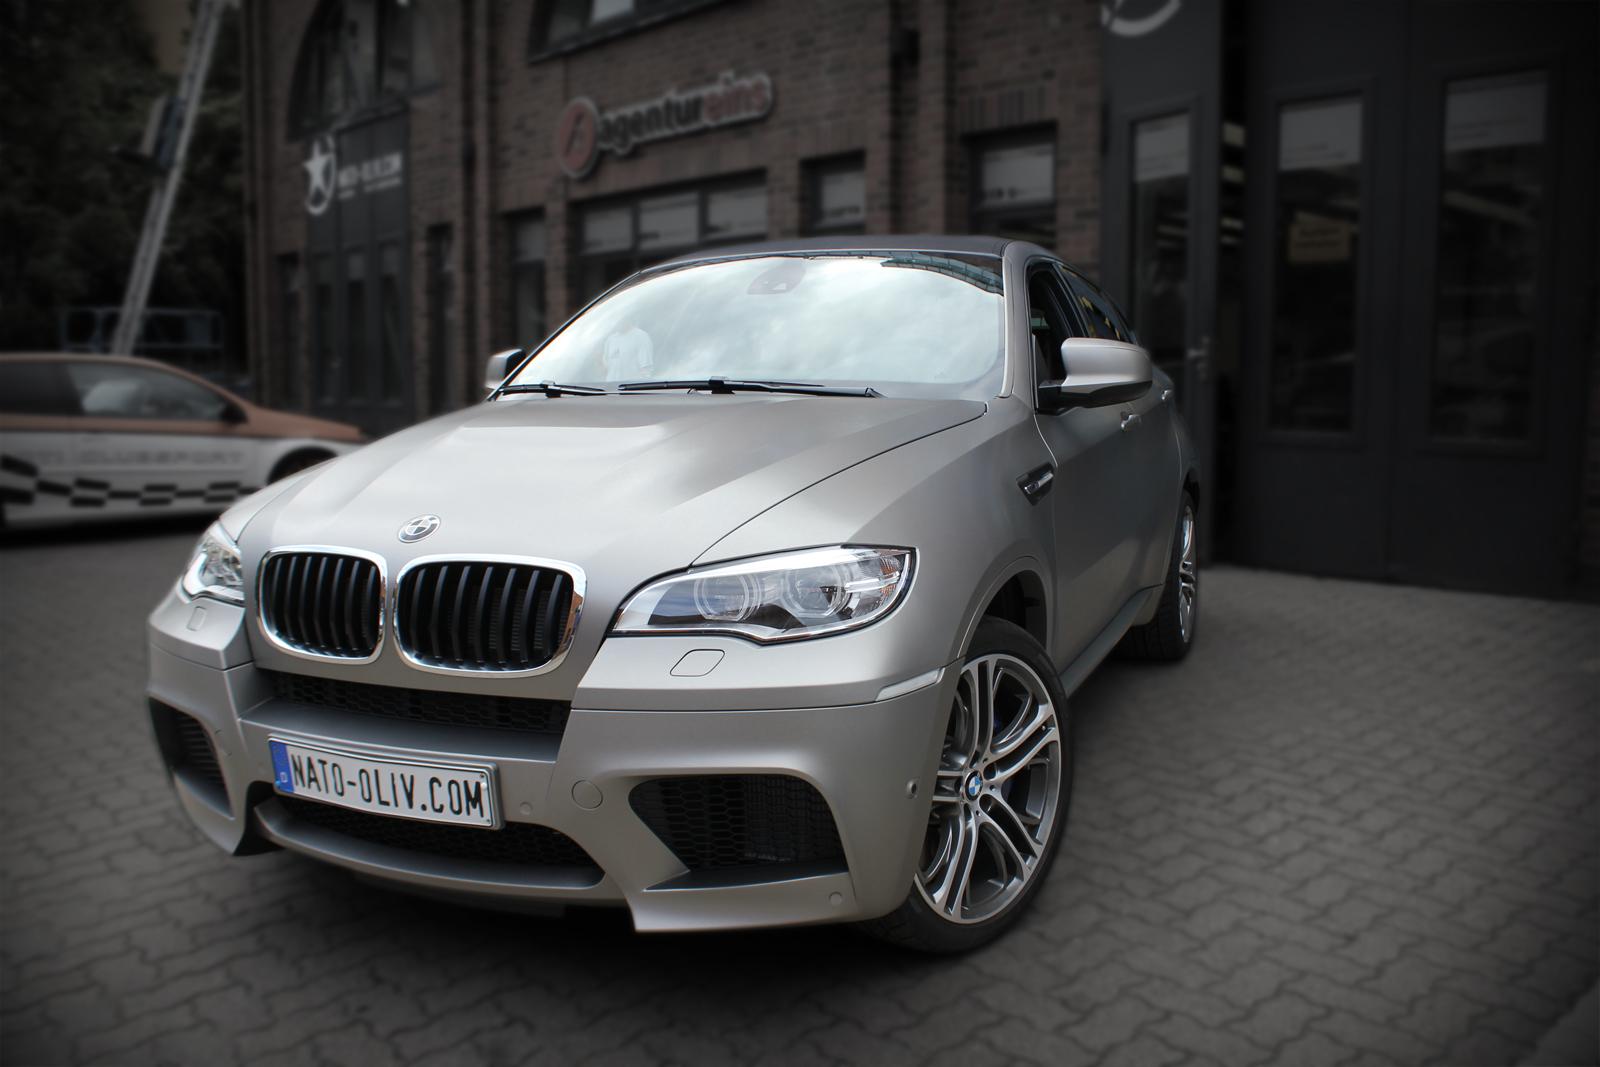 Dieser BMW X6 wurde bei einer Vollfolierung mit Hochleistungsfolie in gebürstetem Edelstahl komplett beklebt. Das Dach wurde mit Carbon-Folie gewrapped.